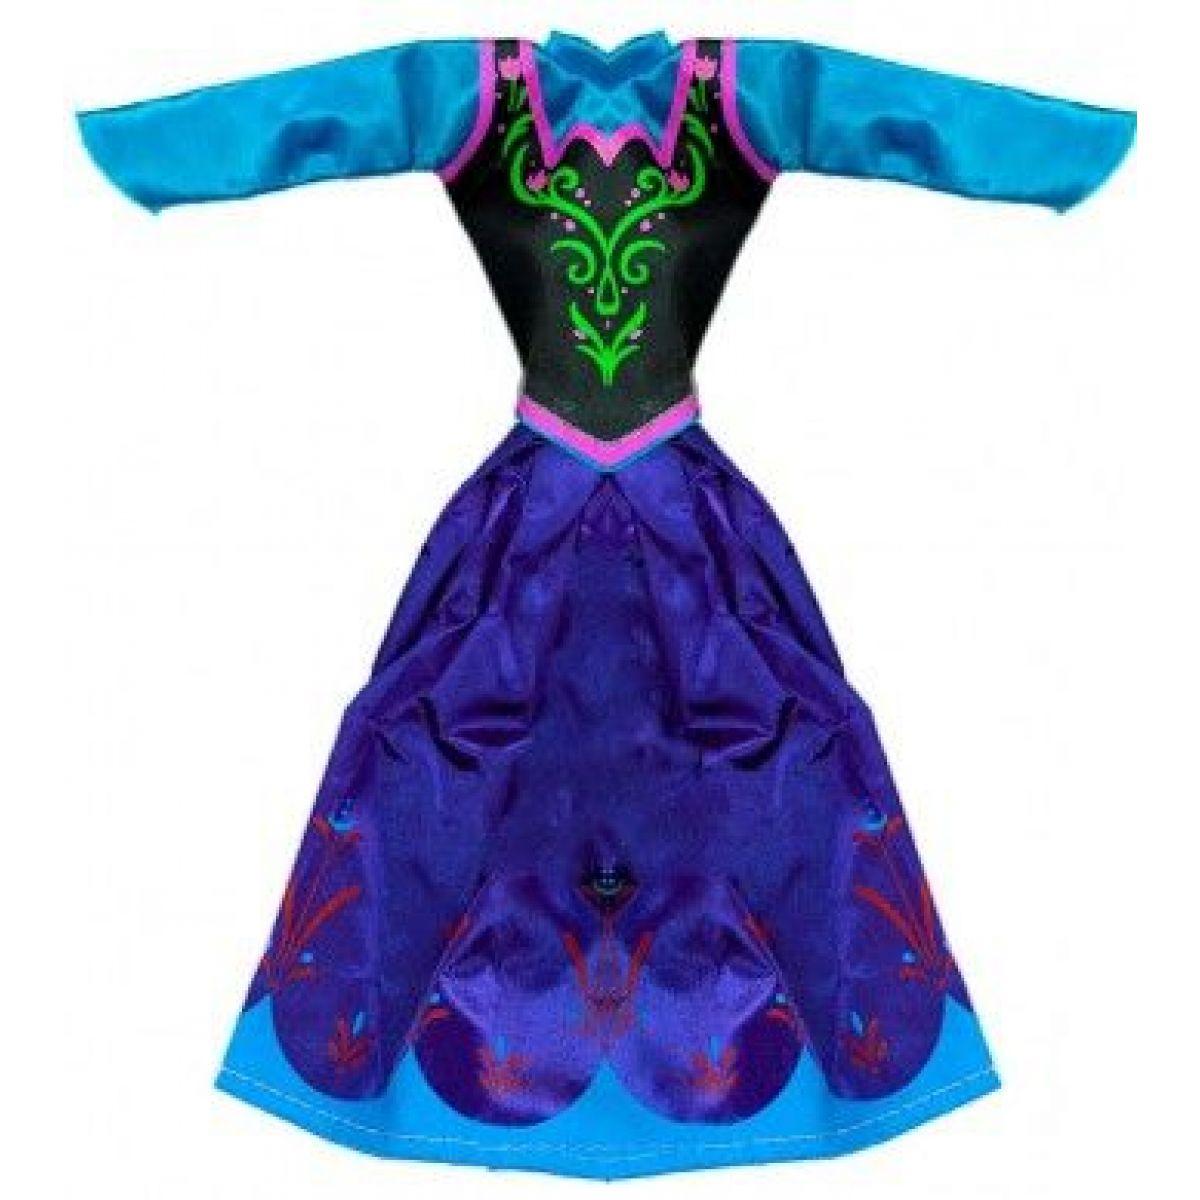 Rappa Oblečení pro panenku zimní království tmavě modré